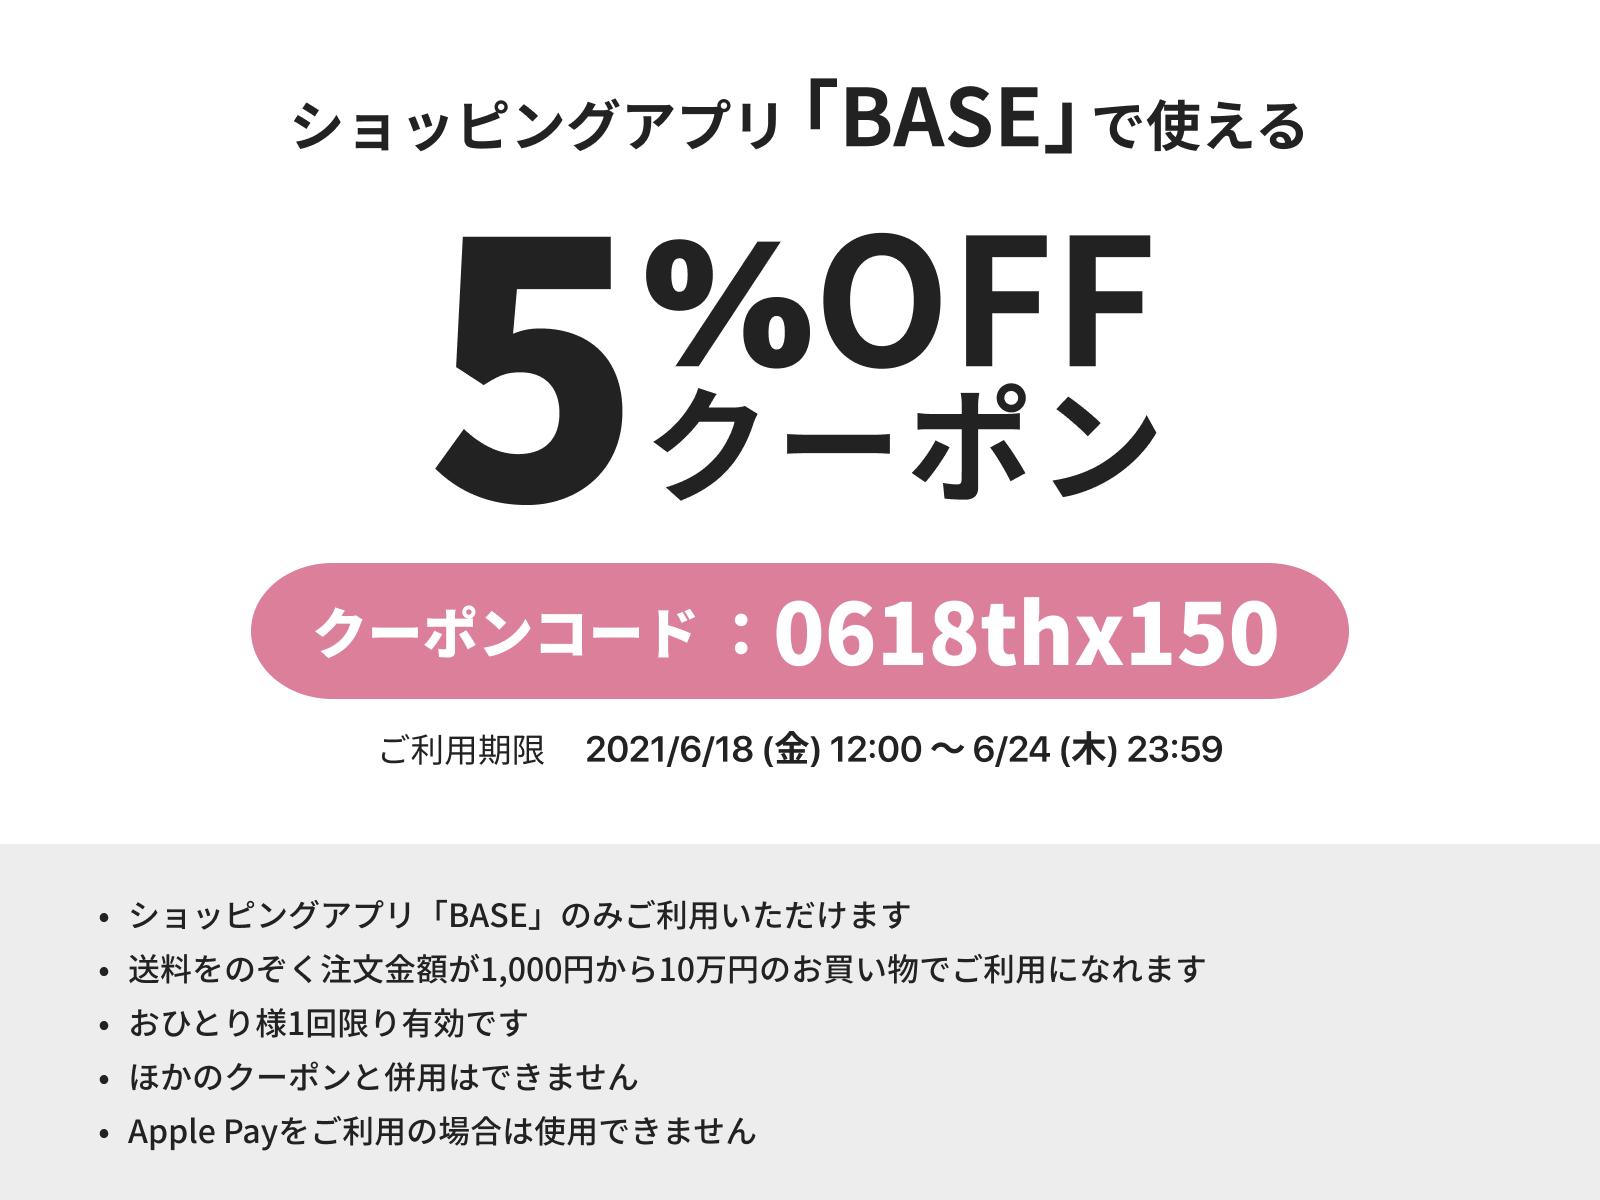 BASEアプリにて5%OFFクーポンご利用いただけます